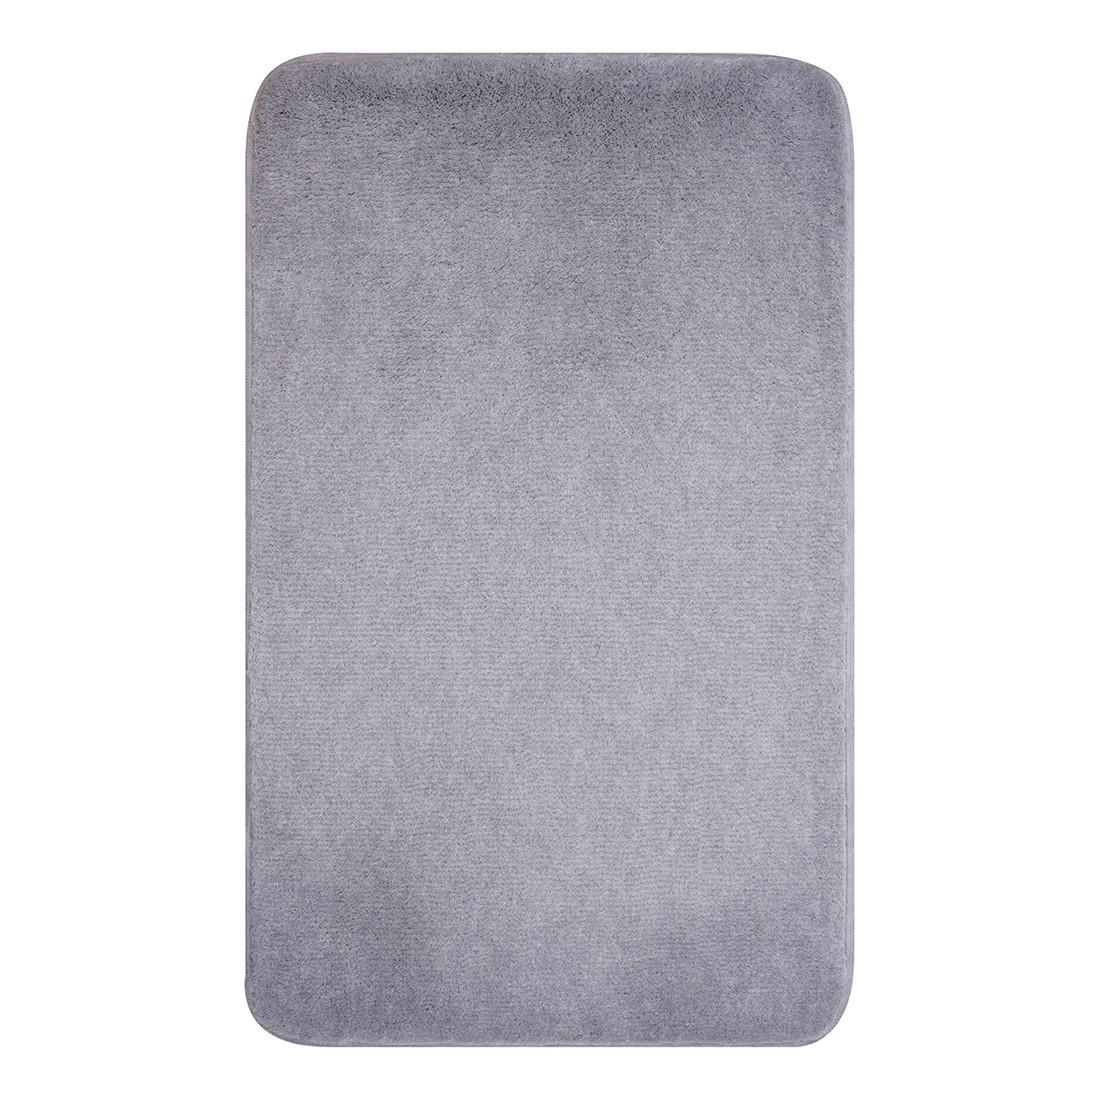 Badteppich Comfort – Silber – Größe: 150 x 80 cm, Grund online kaufen